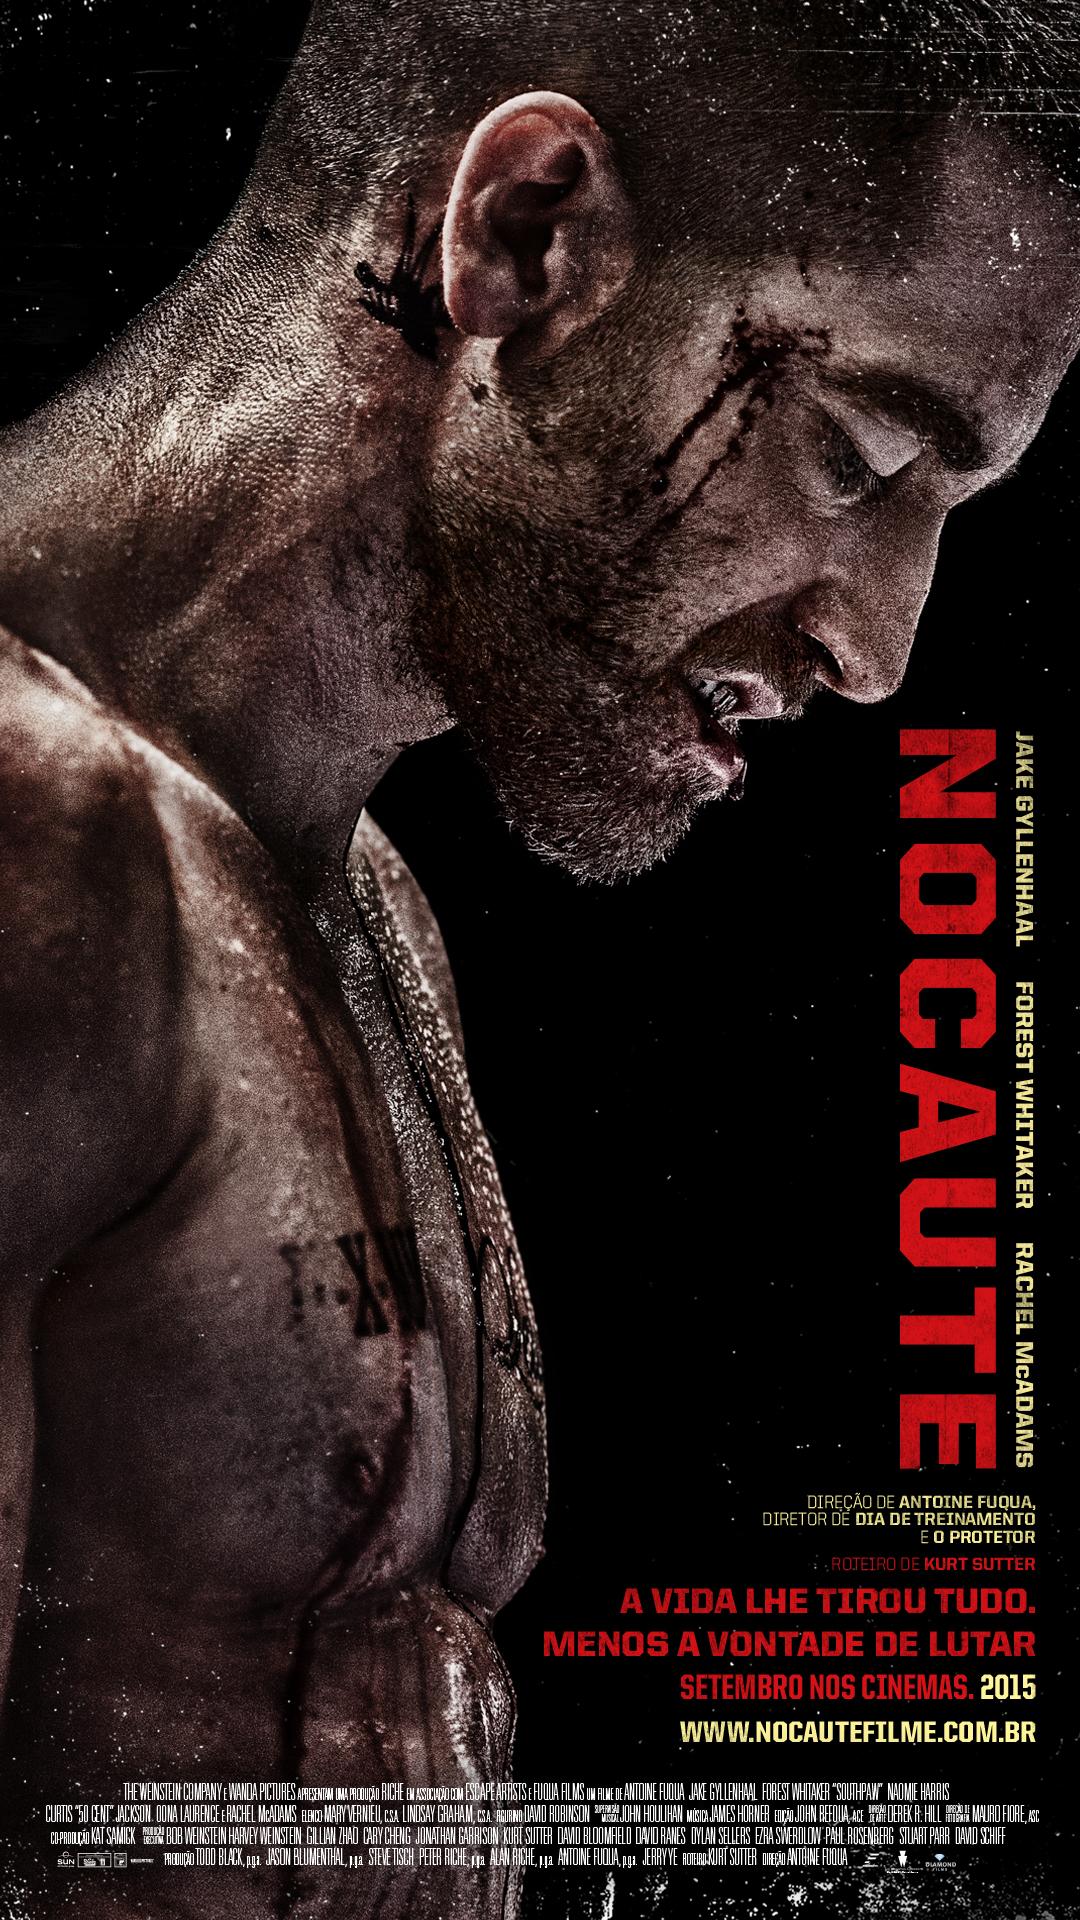 Poster do filme Nocaute